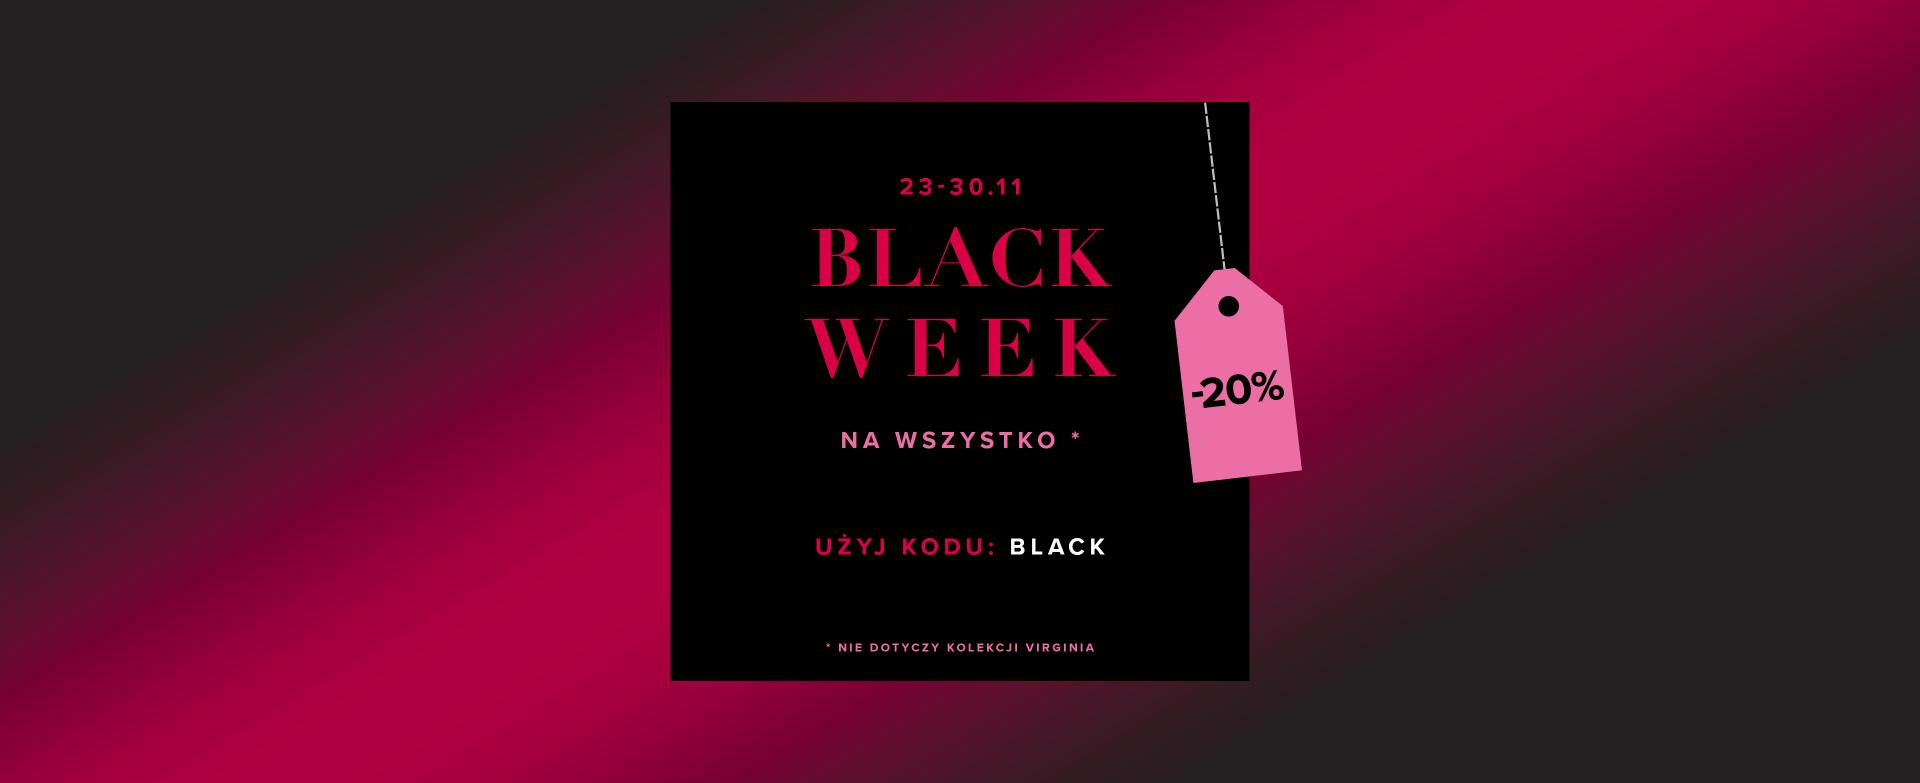 Black Week 2020 Corin